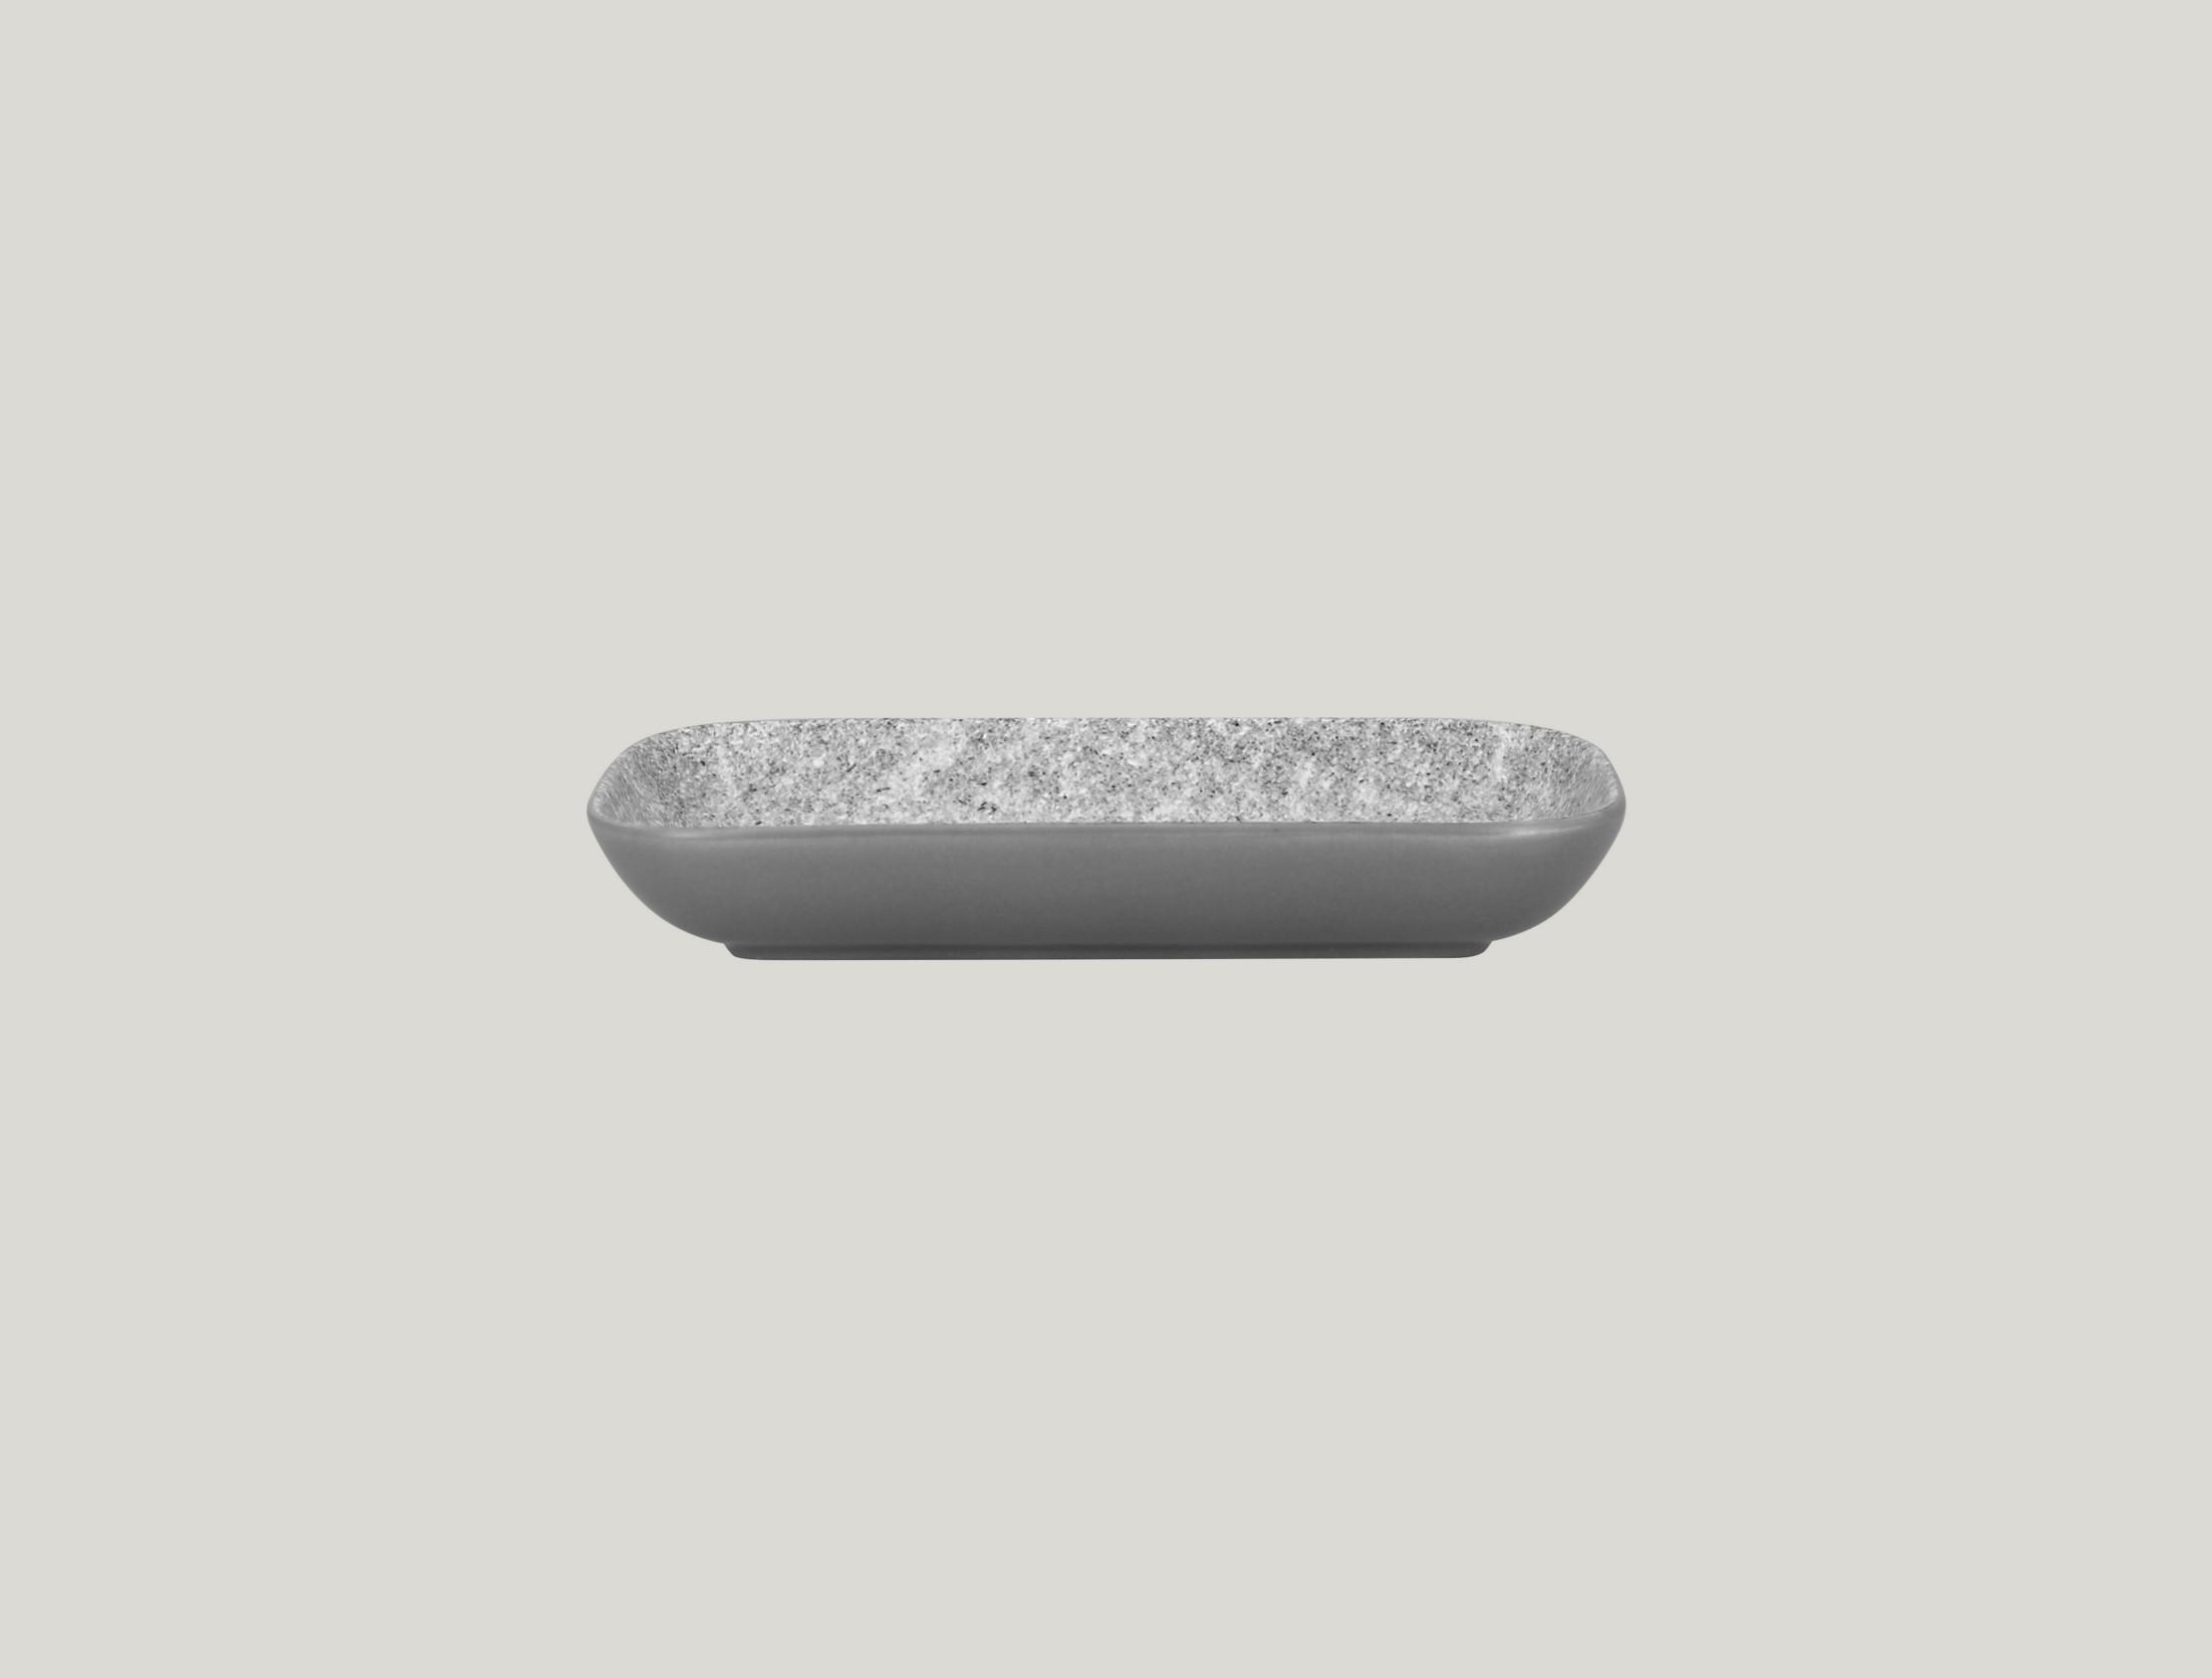 Miska obdélníková 22 x 11 cm - šedá